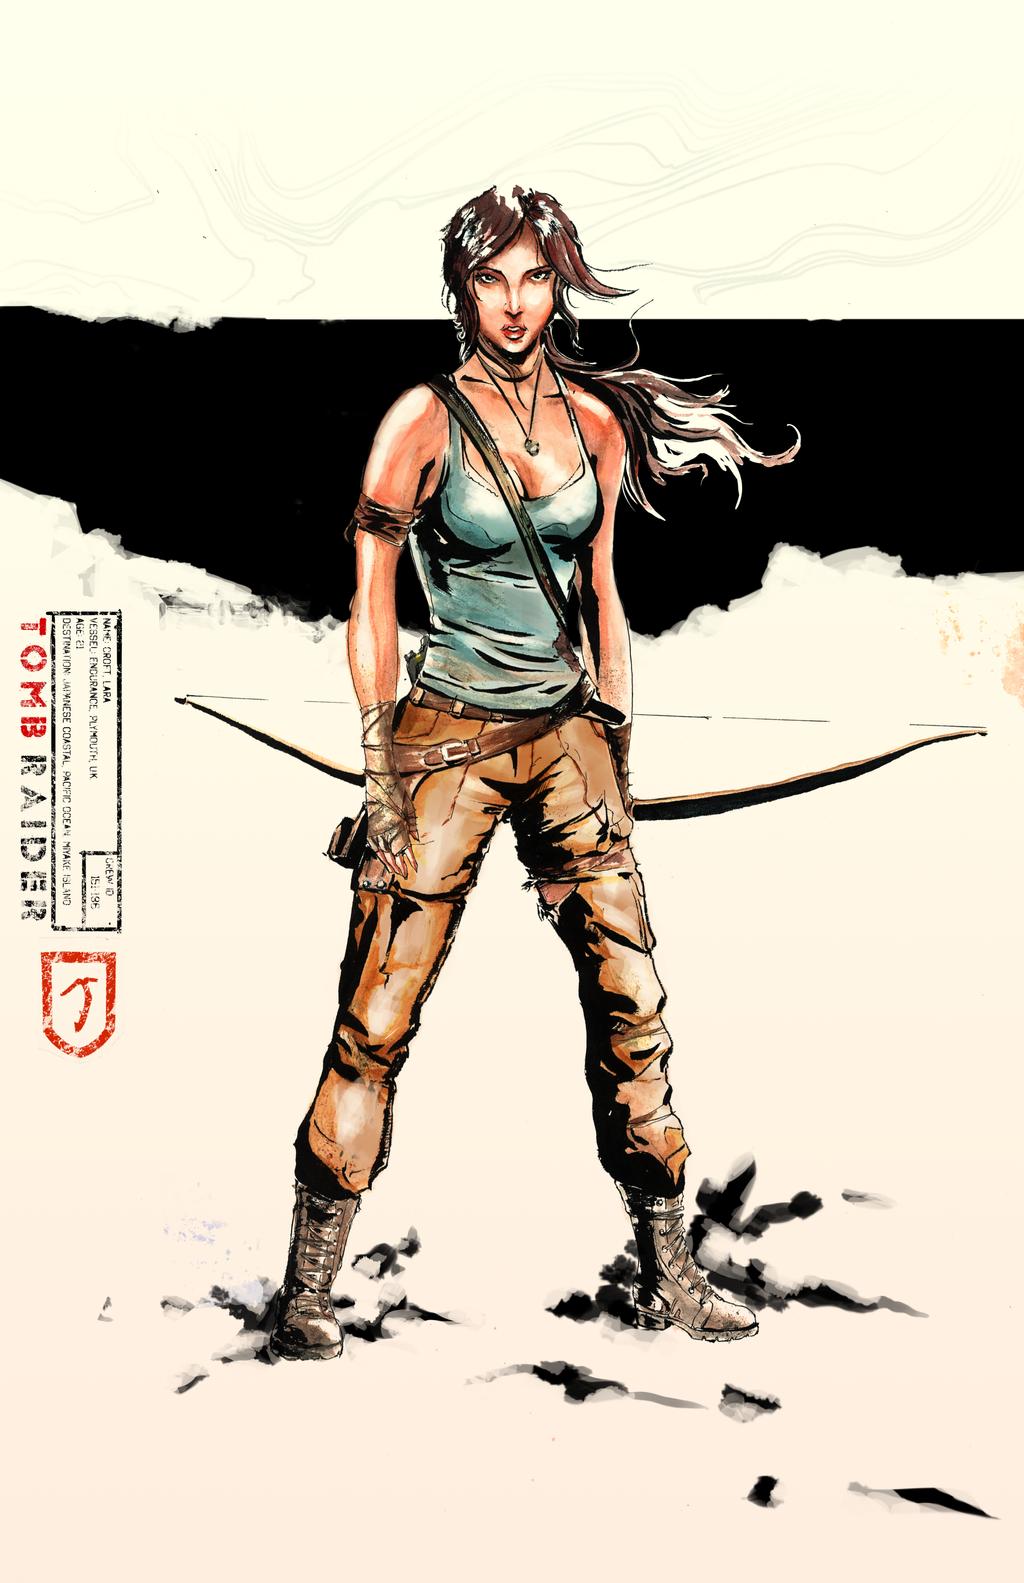 Lara Industrial Ukiyo-E by Rhysarts